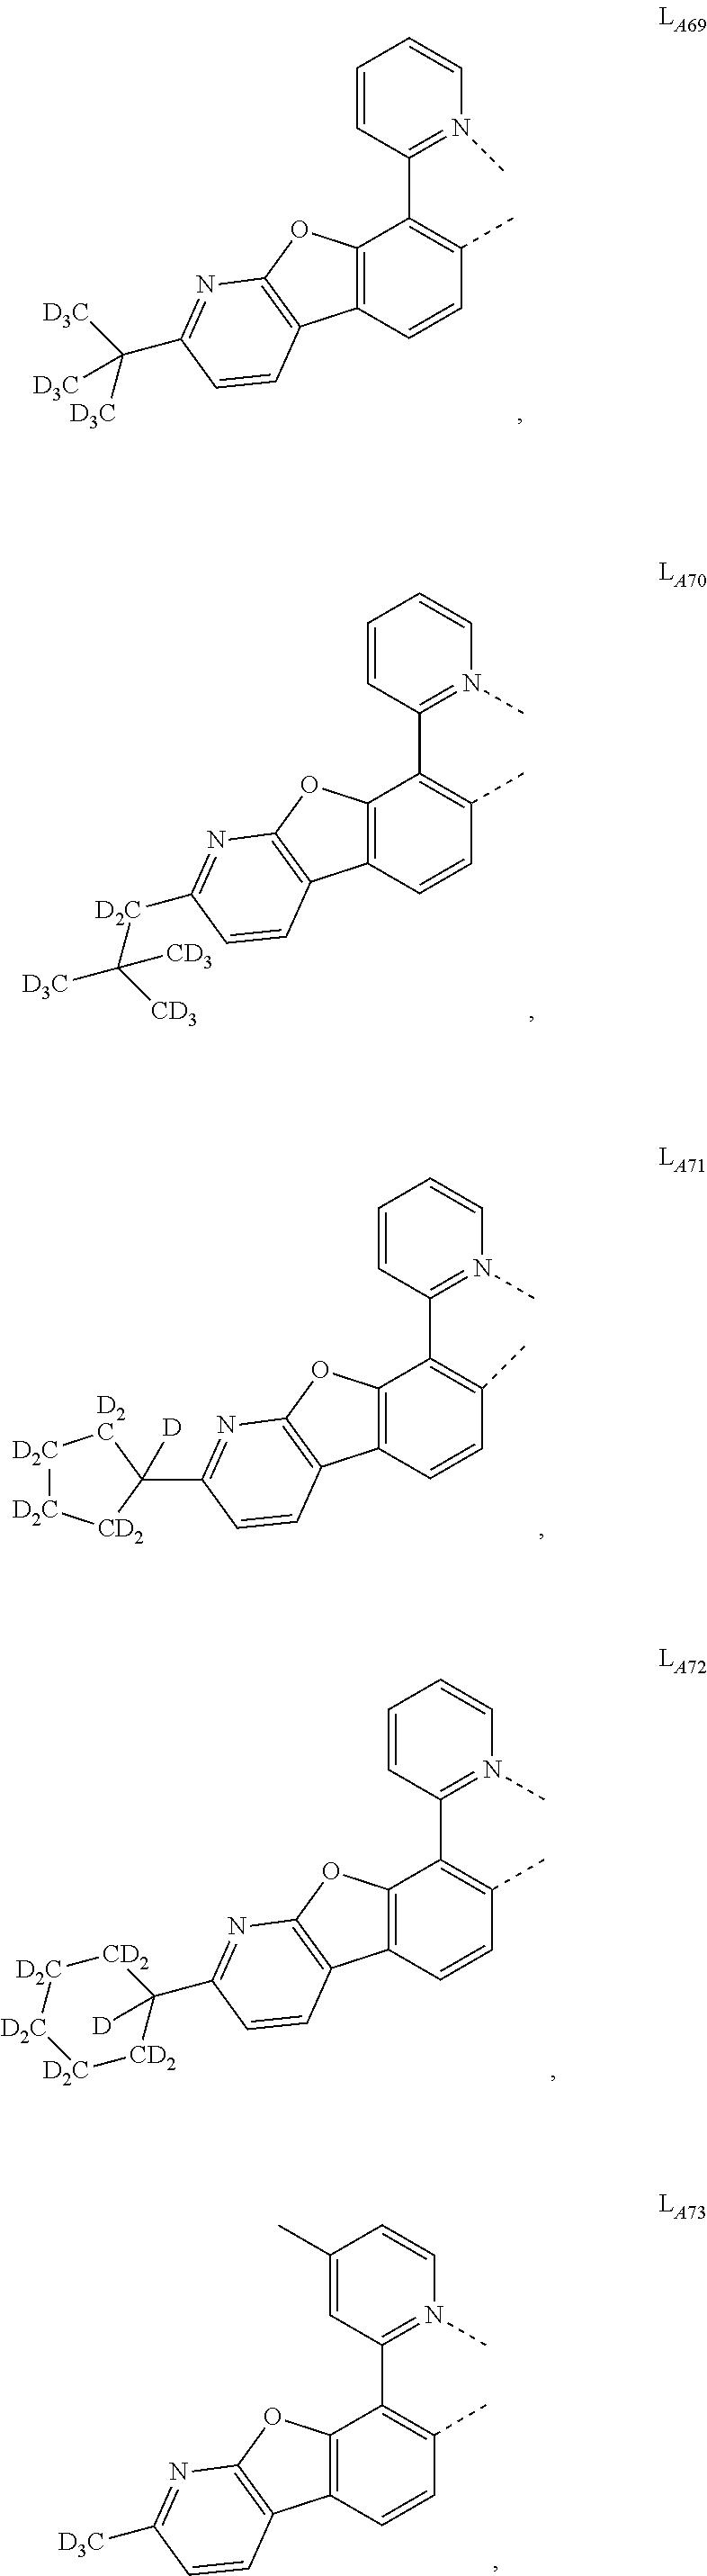 Figure US20160049599A1-20160218-C00024